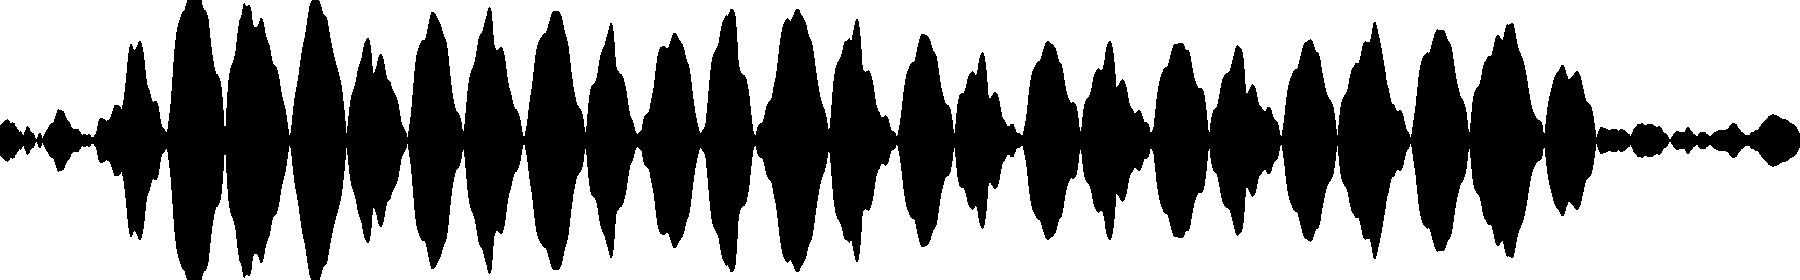 biab glitchhop glitch 11